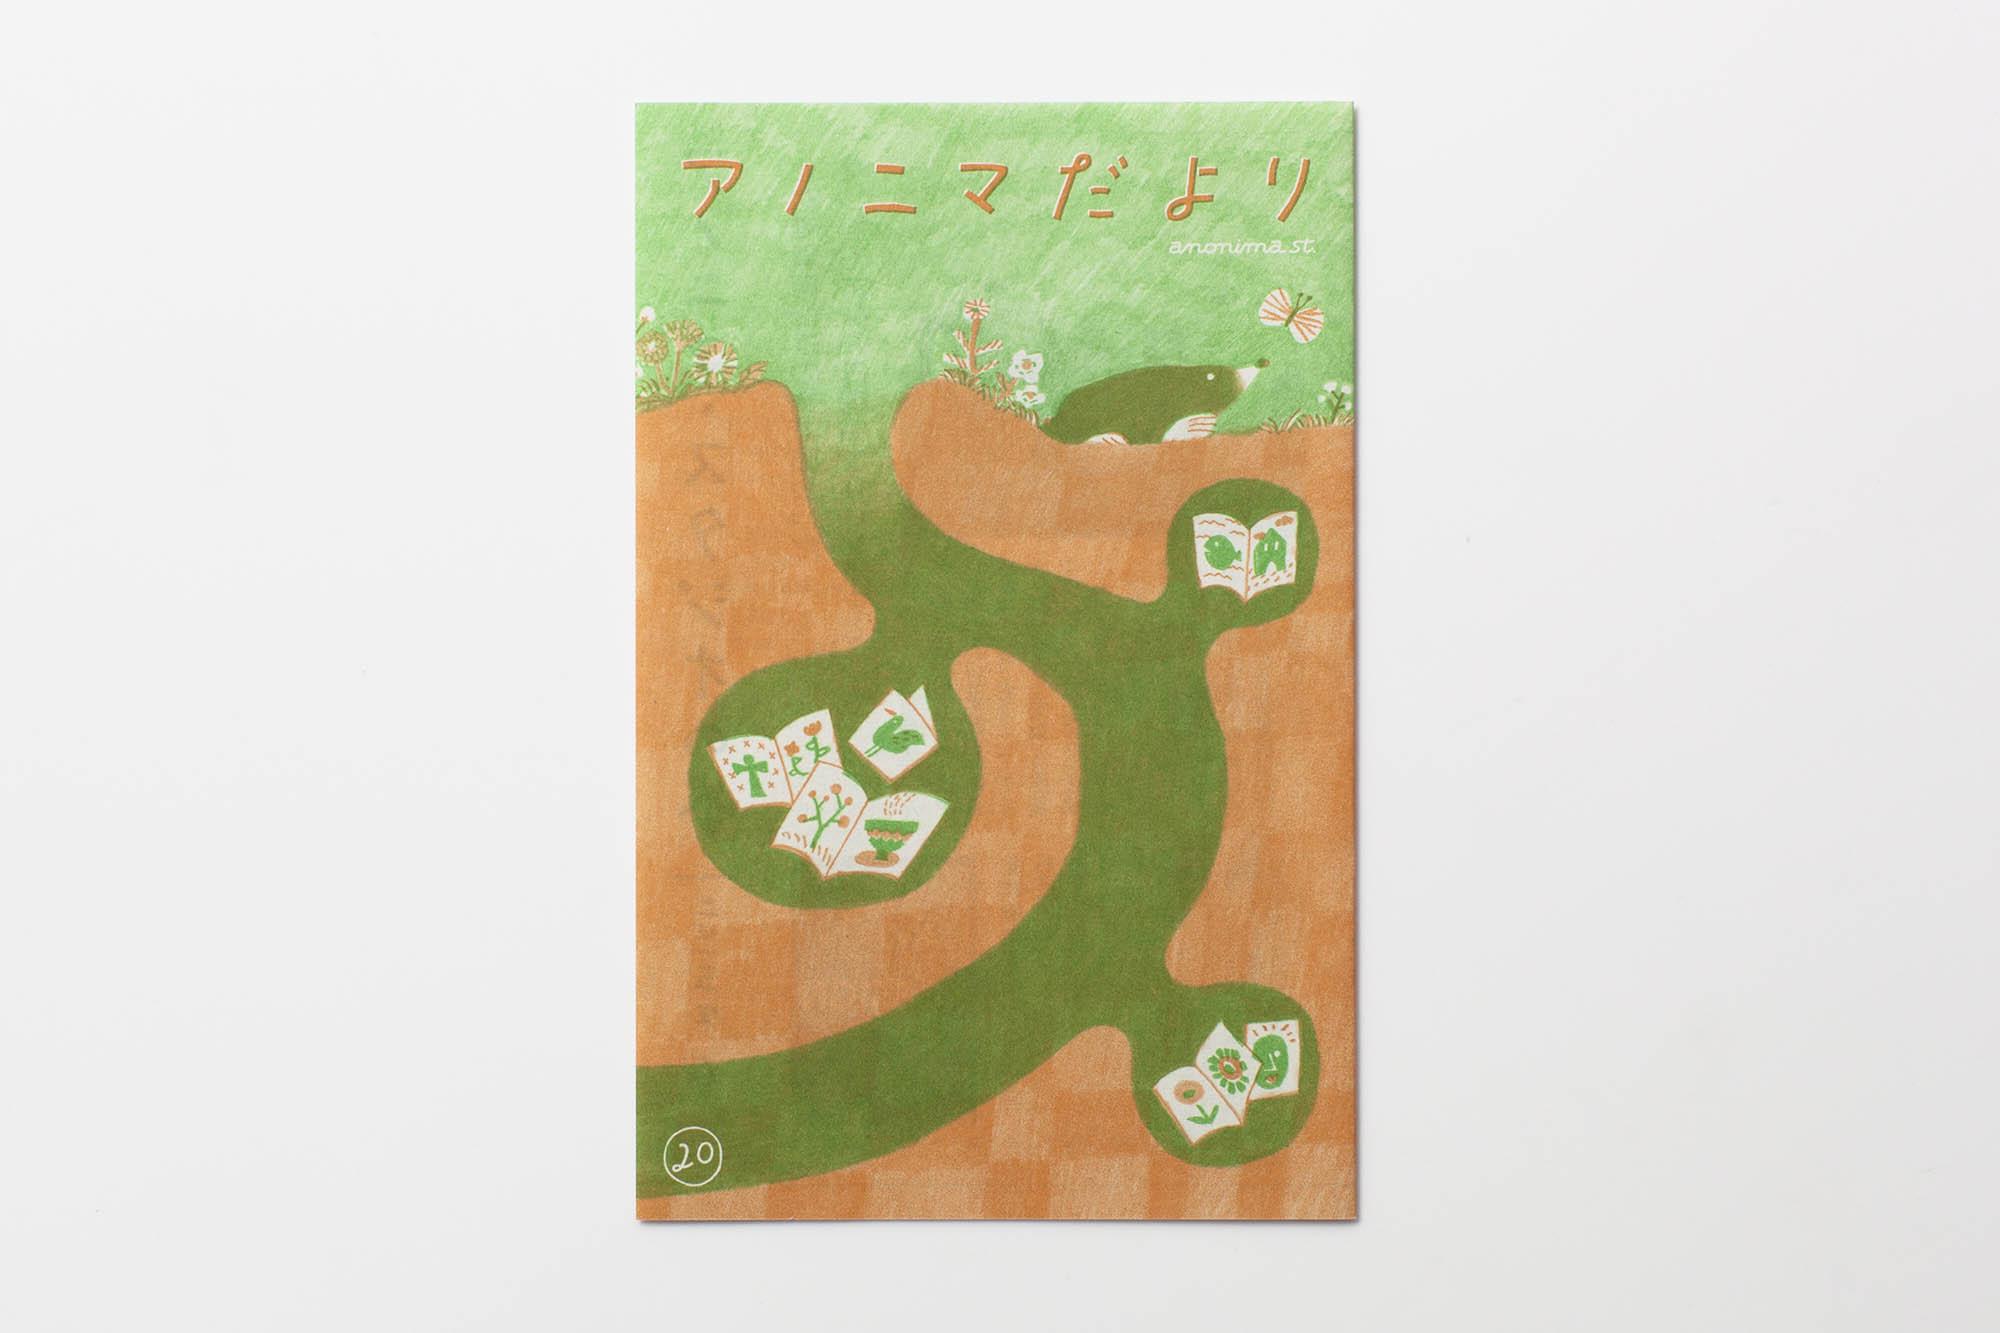 leaflet_DM_177